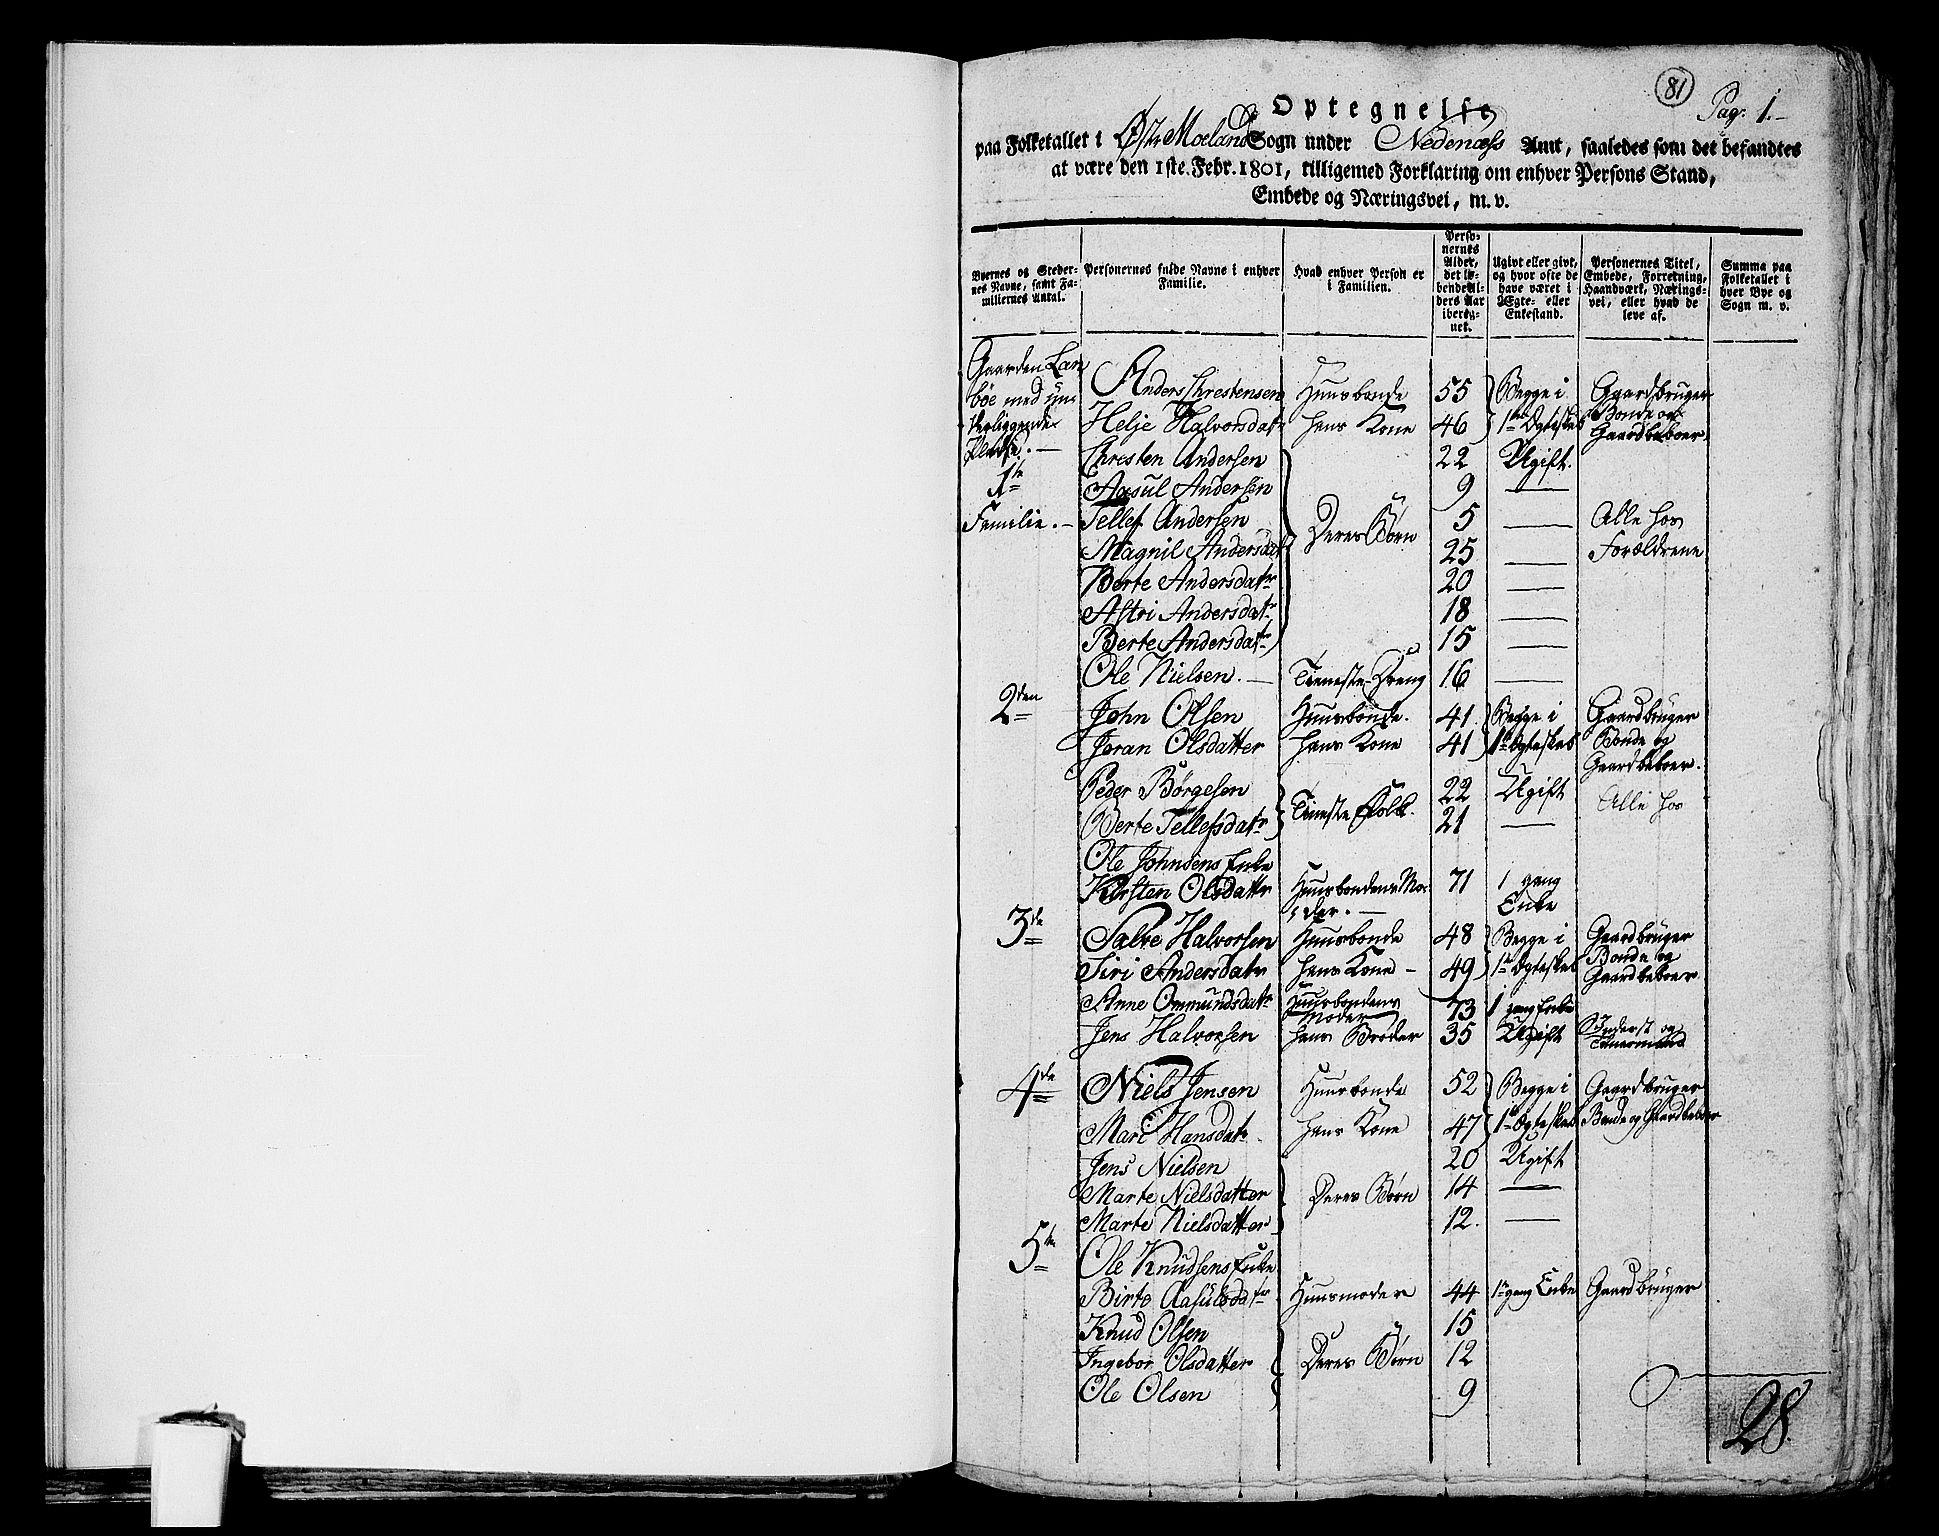 RA, Folketelling 1801 for 0918P Austre Moland prestegjeld, 1801, s. 81a